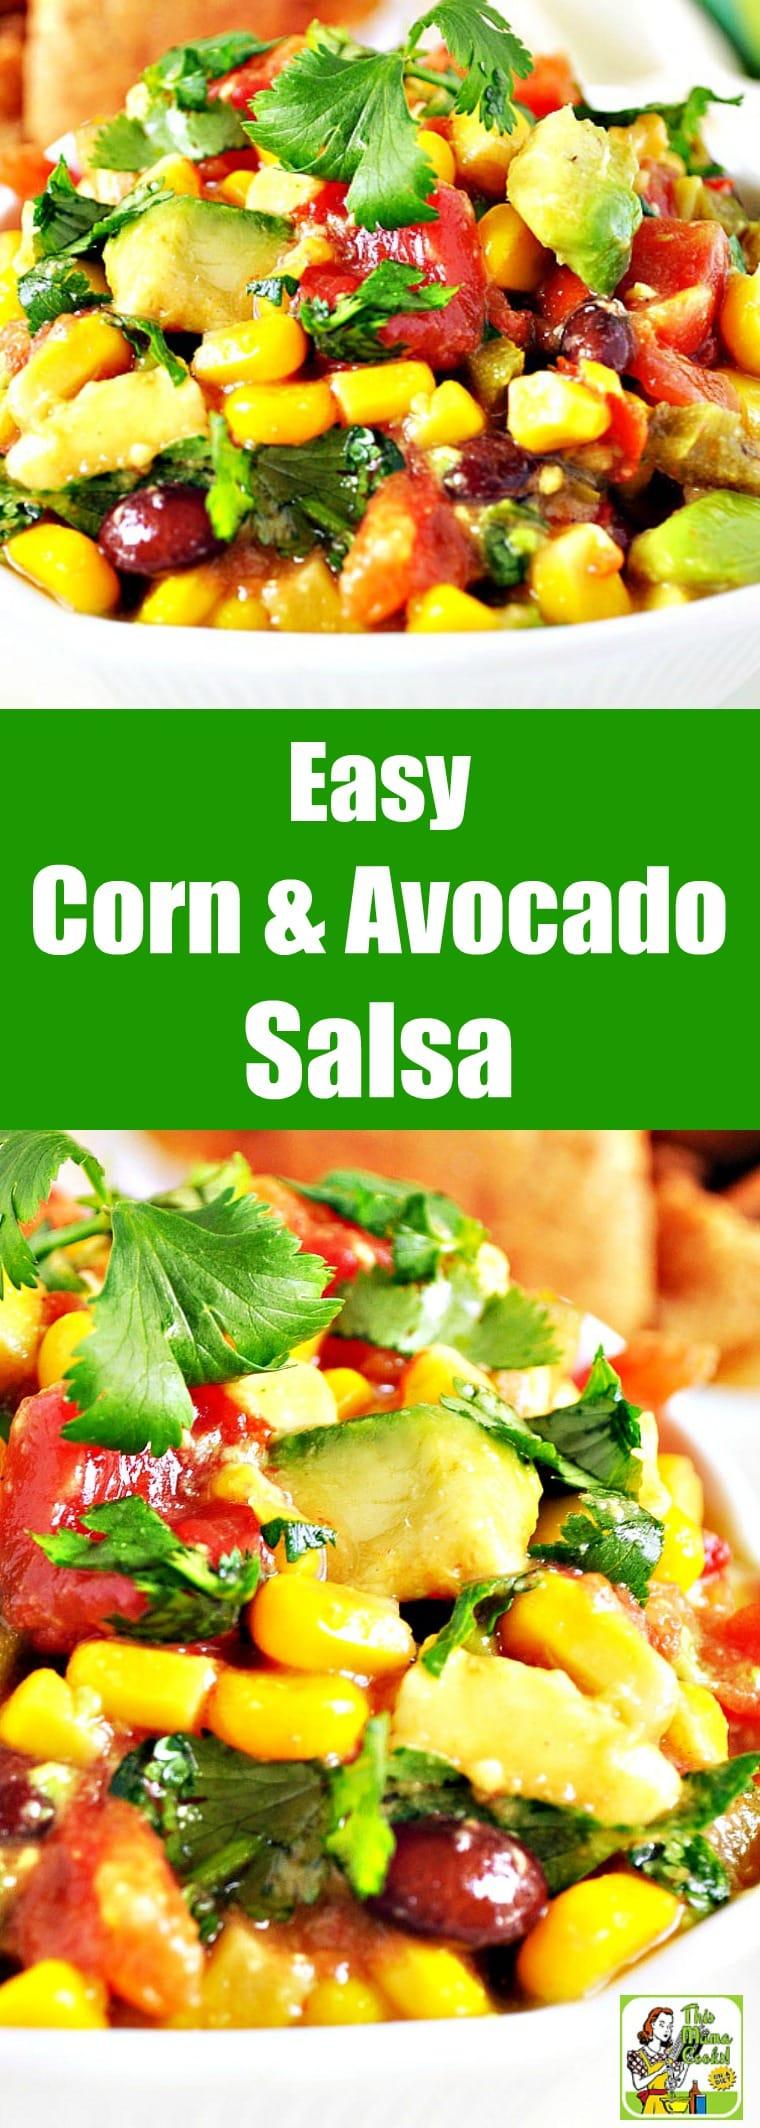 Super Easy Corn & Avocado Salsa Recipe